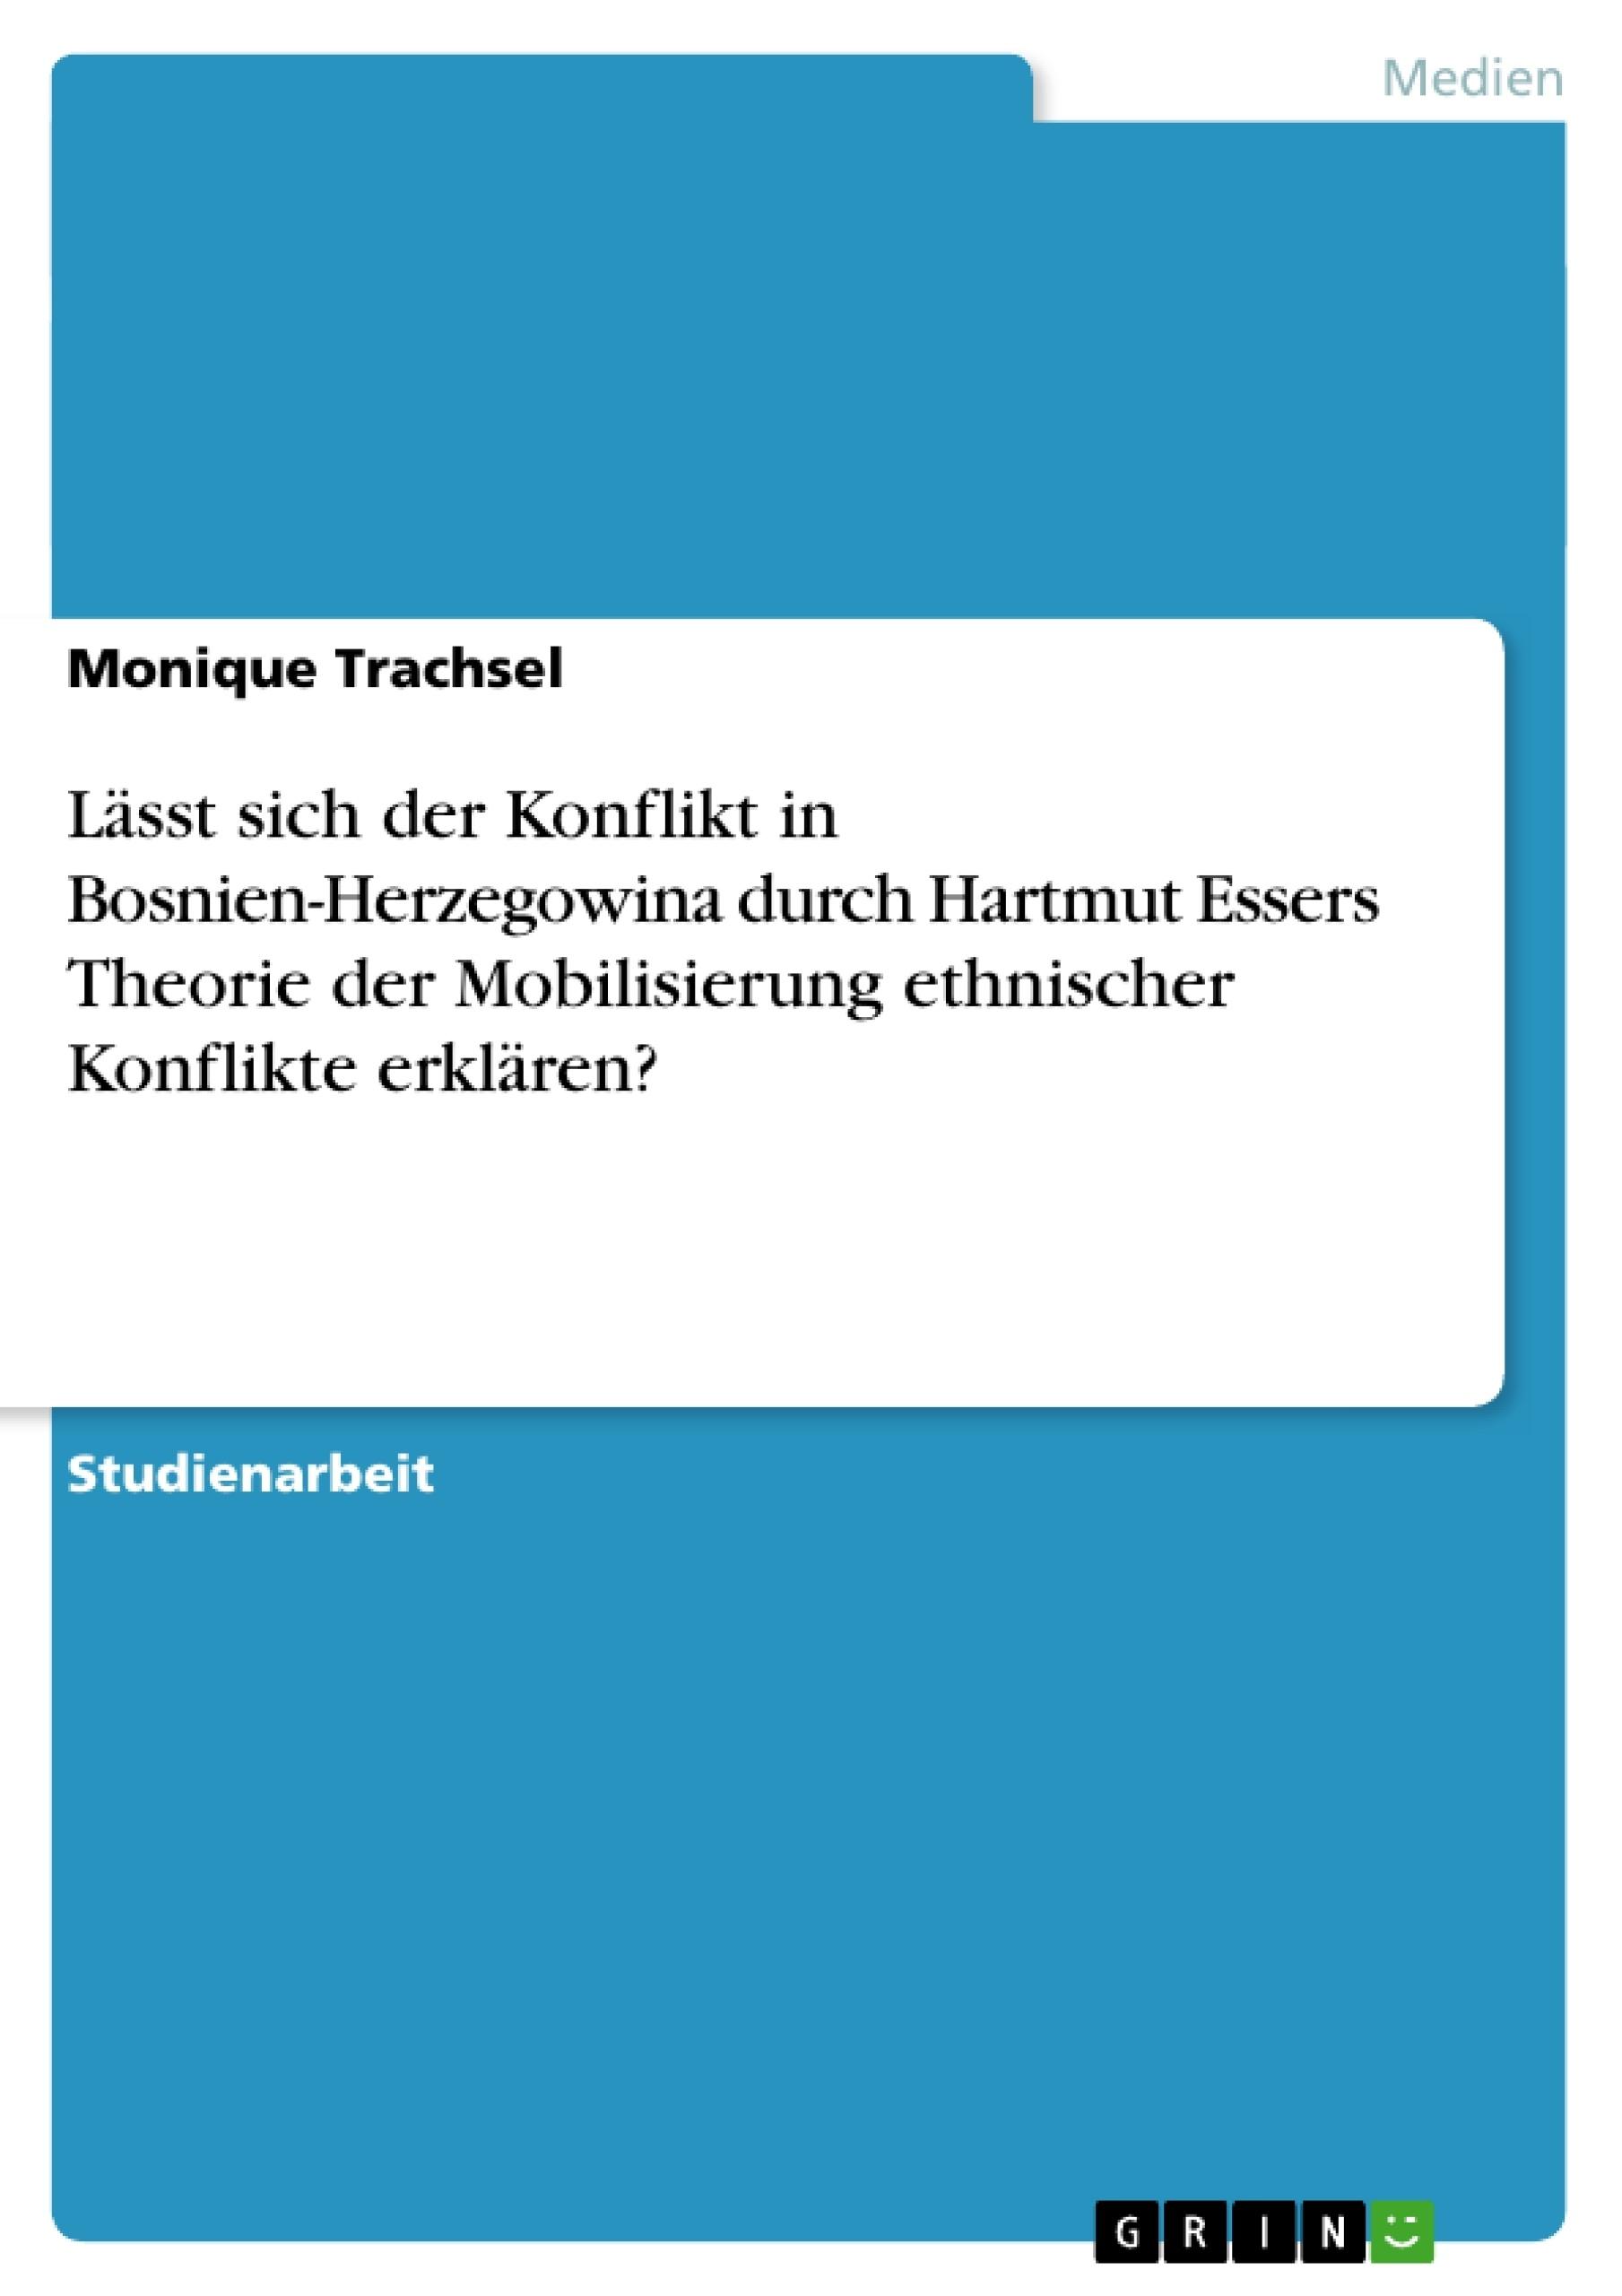 Titel: Lässt sich der Konflikt in Bosnien-Herzegowina durch Hartmut Essers Theorie der Mobilisierung  ethnischer Konflikte erklären?